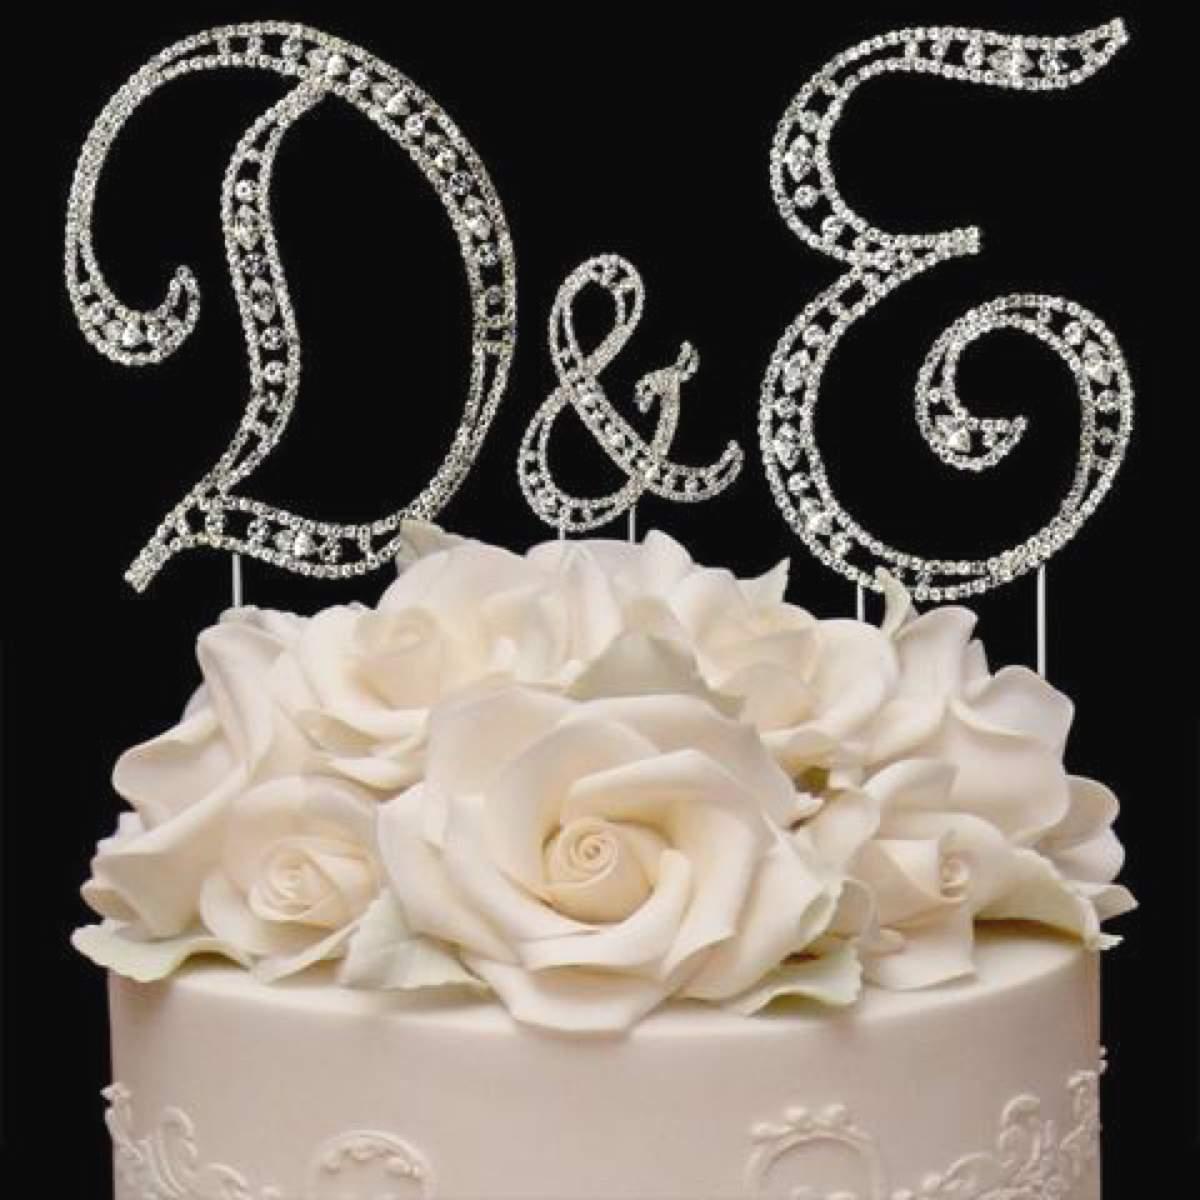 cake-topper-lettres-vintage-swarovski-crystal-monogram-set-1_large